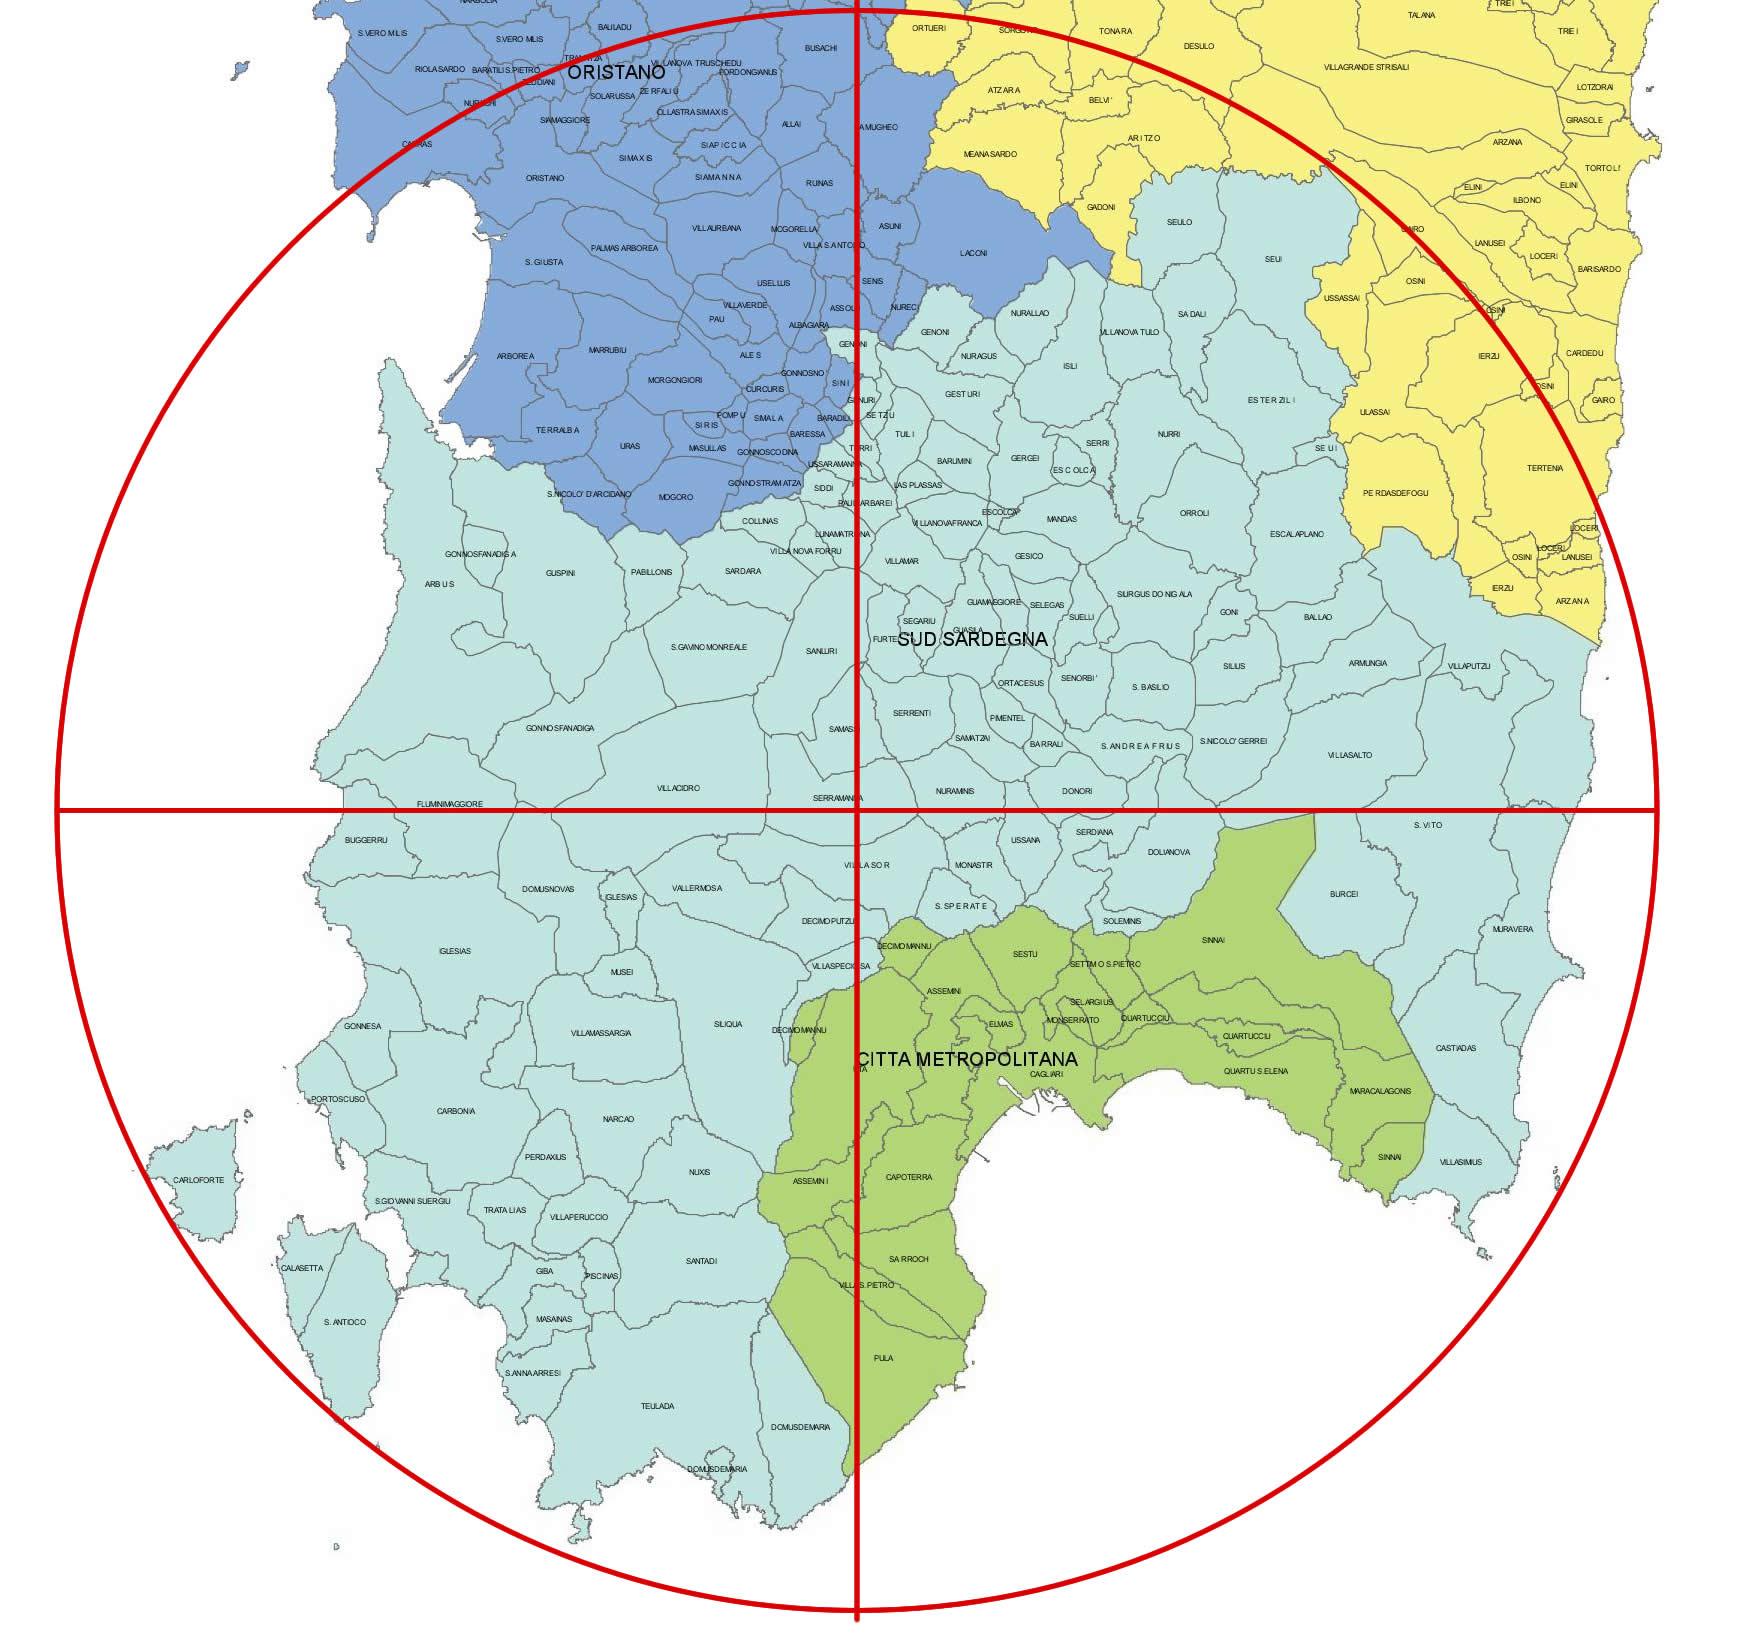 Provincia del Sud Sardegna e campanilismo: San Gavino Monreale non sia (ancora) periferia di Sanluri e Villacidro!